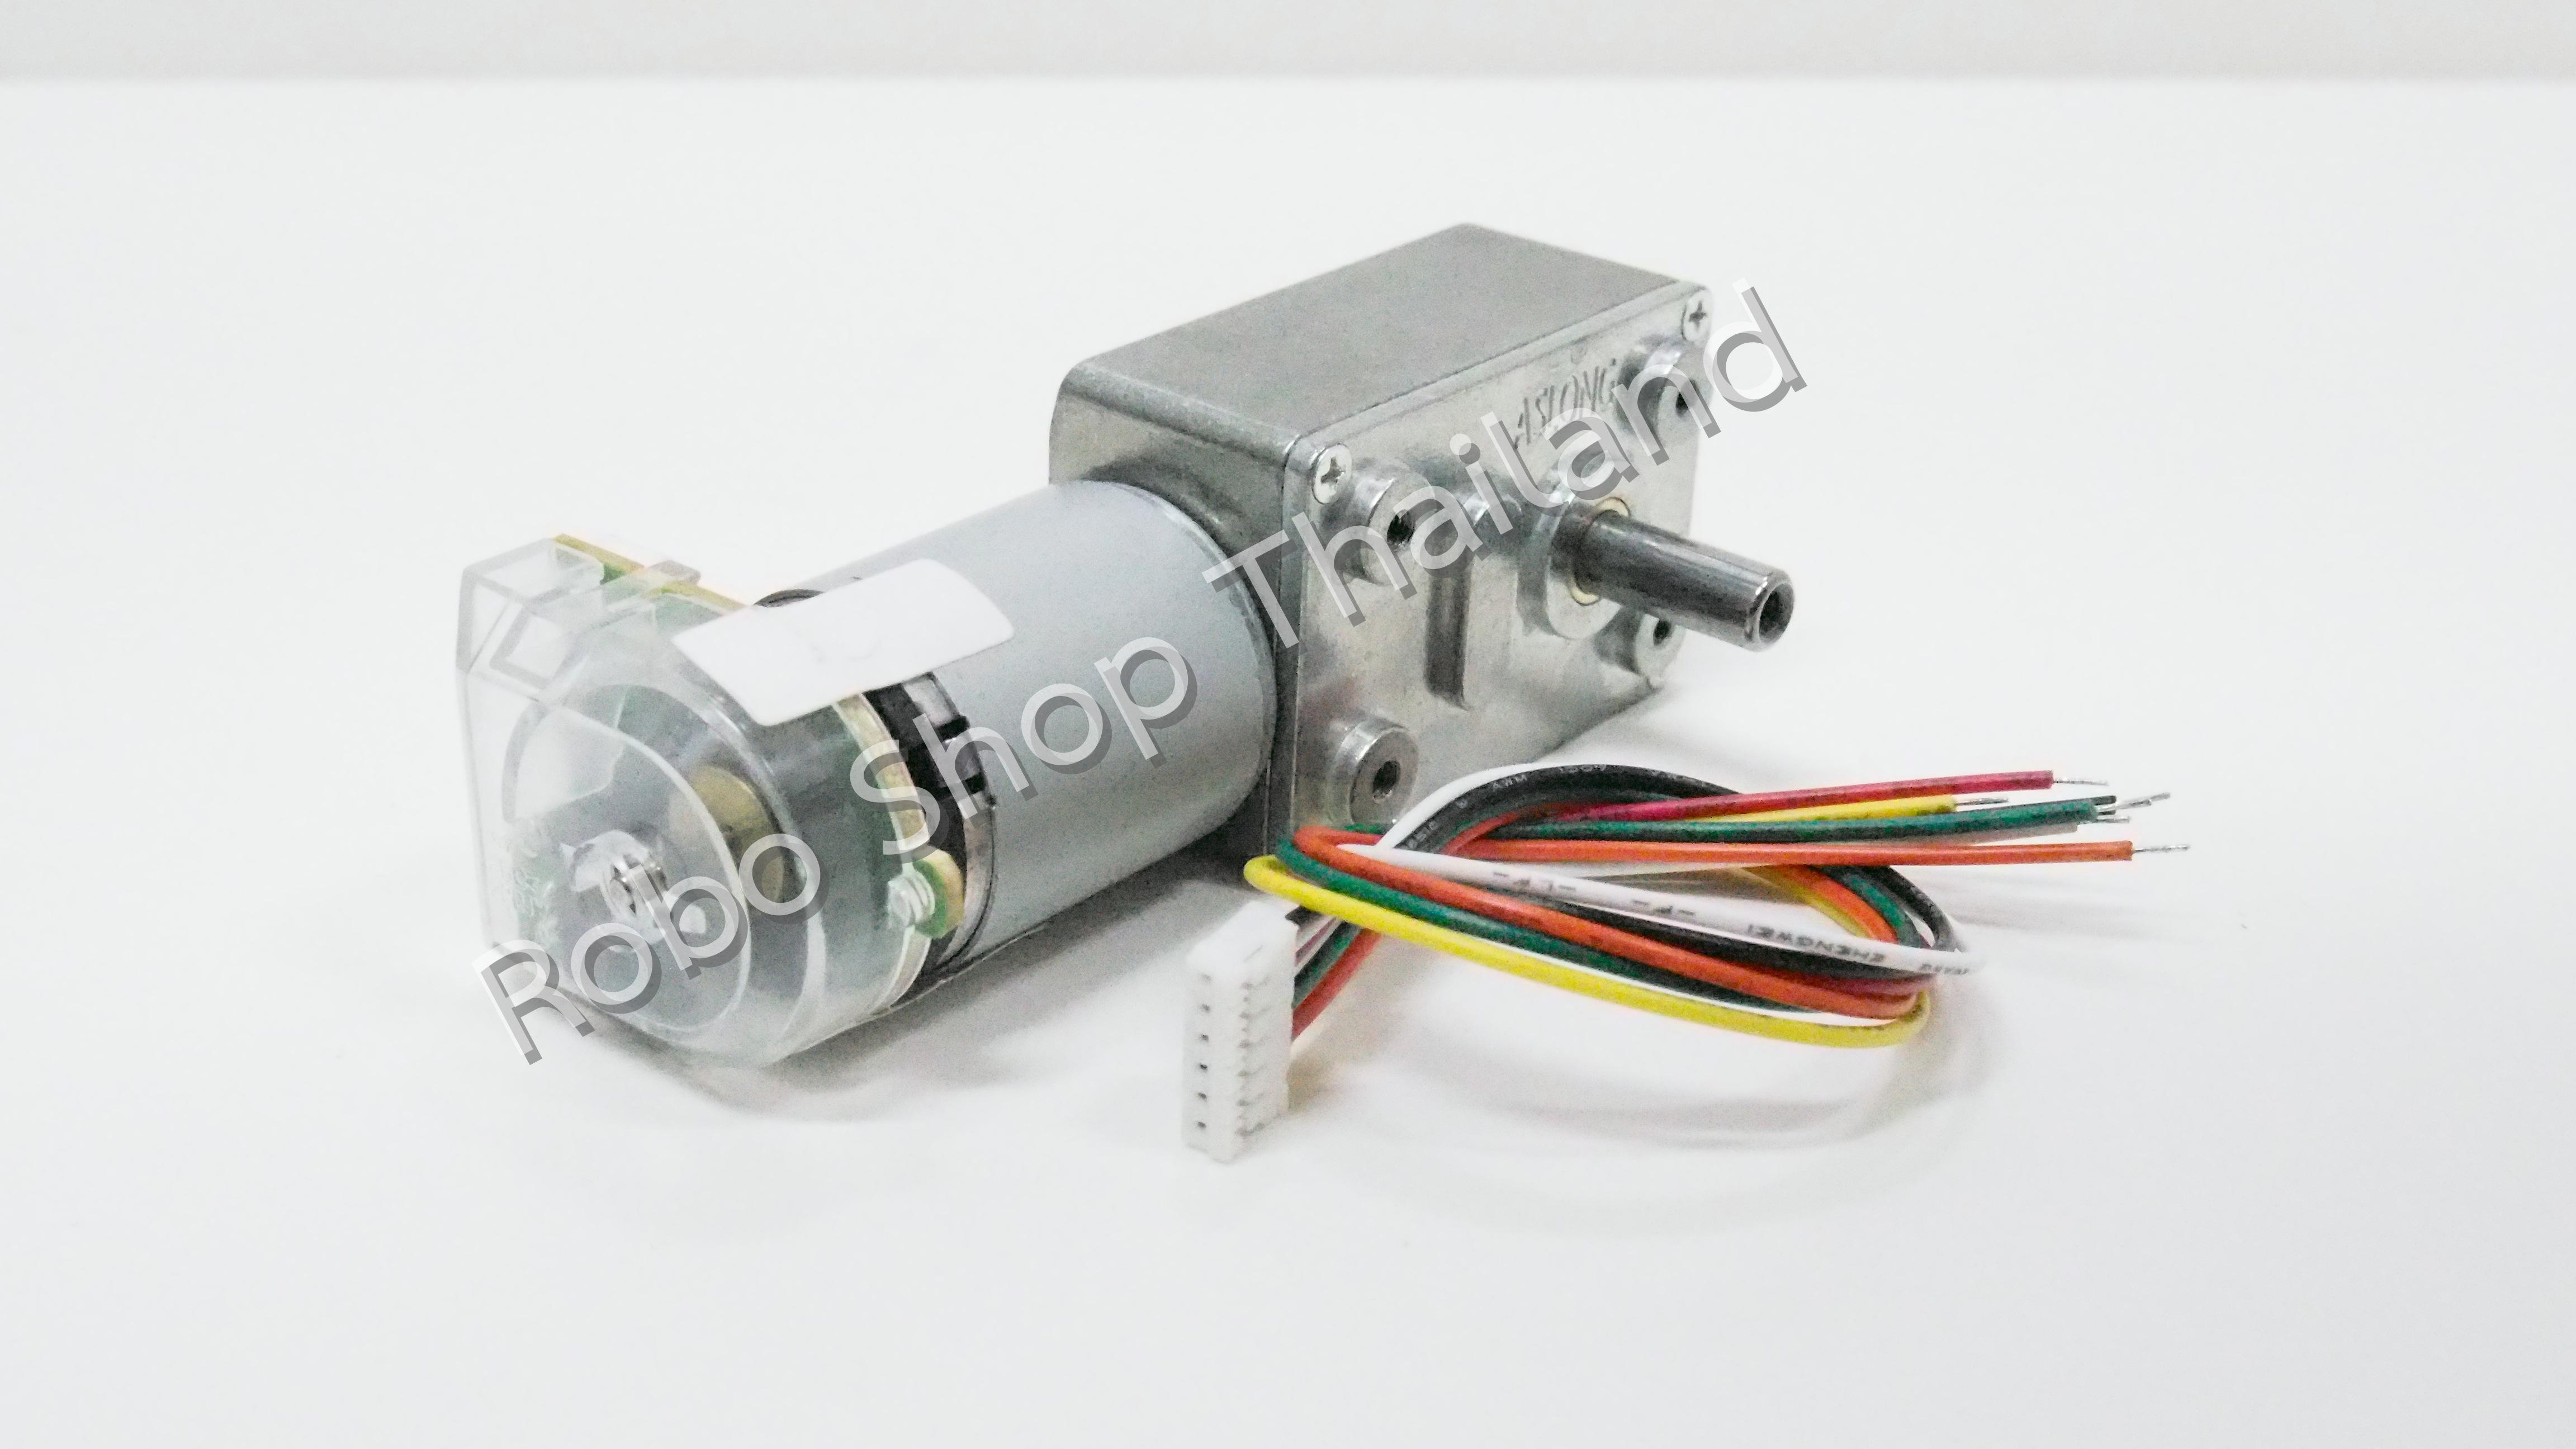 มอเตอร์ Encoder แกนข้าง 115 RPM